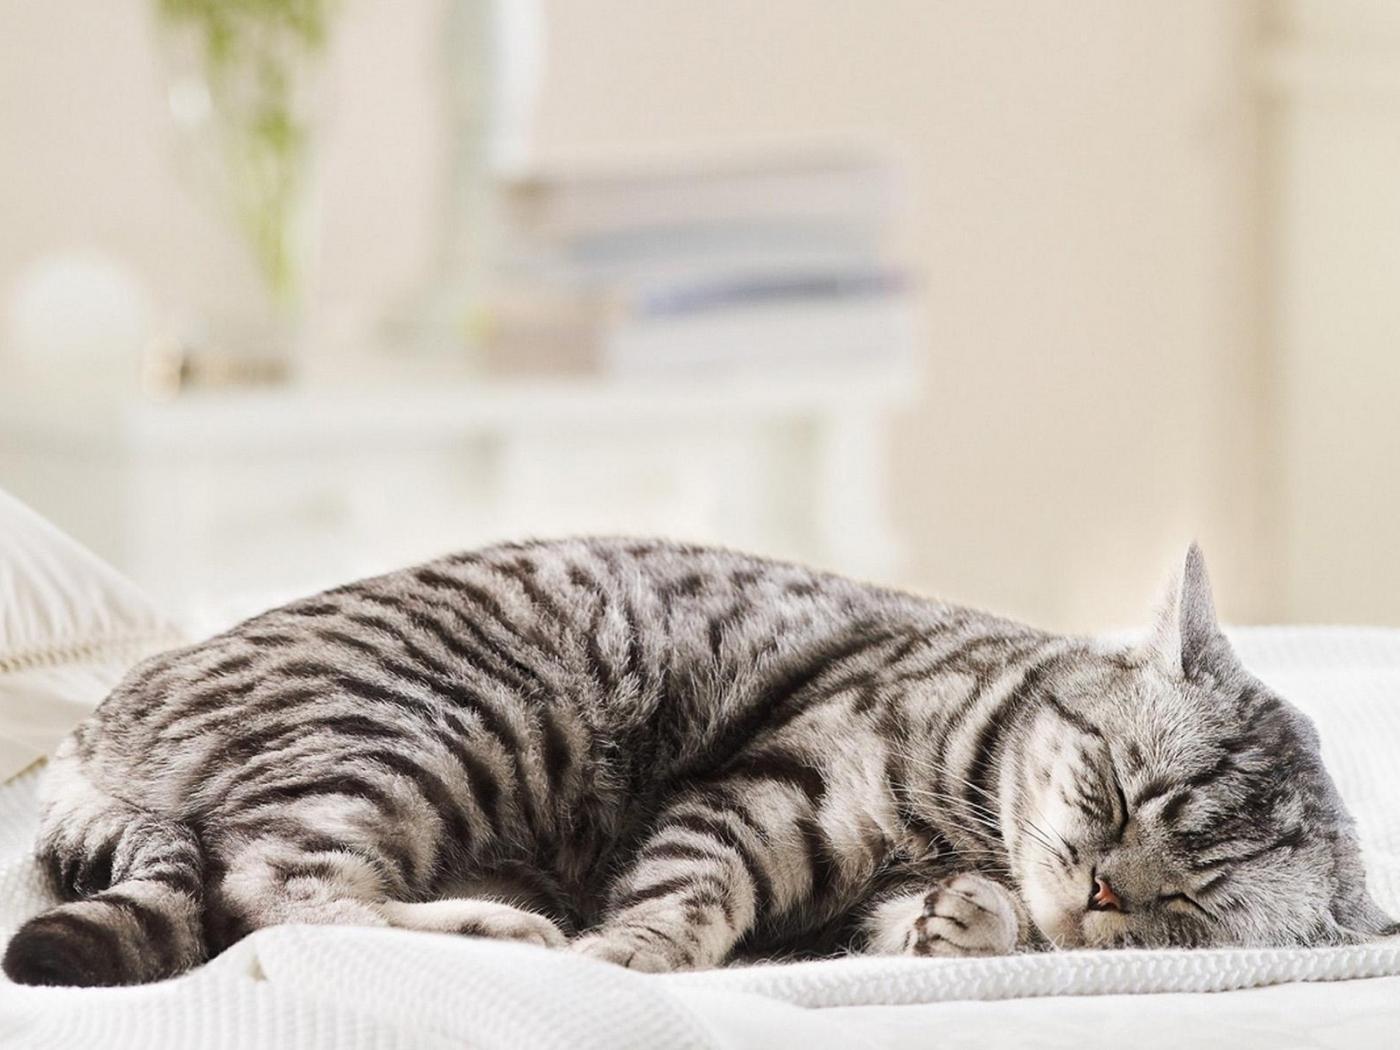 24468 скачать обои Животные, Кошки (Коты, Котики) - заставки и картинки бесплатно